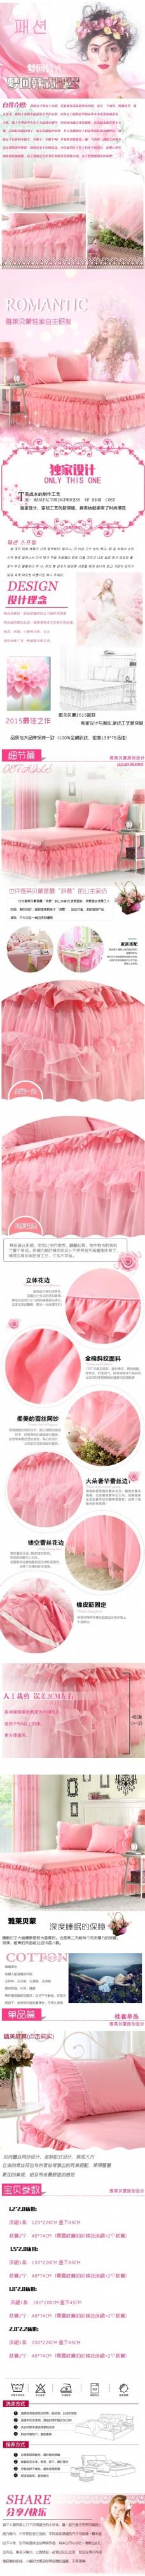 家纺韩版粉嫩公主风详情页海报描述